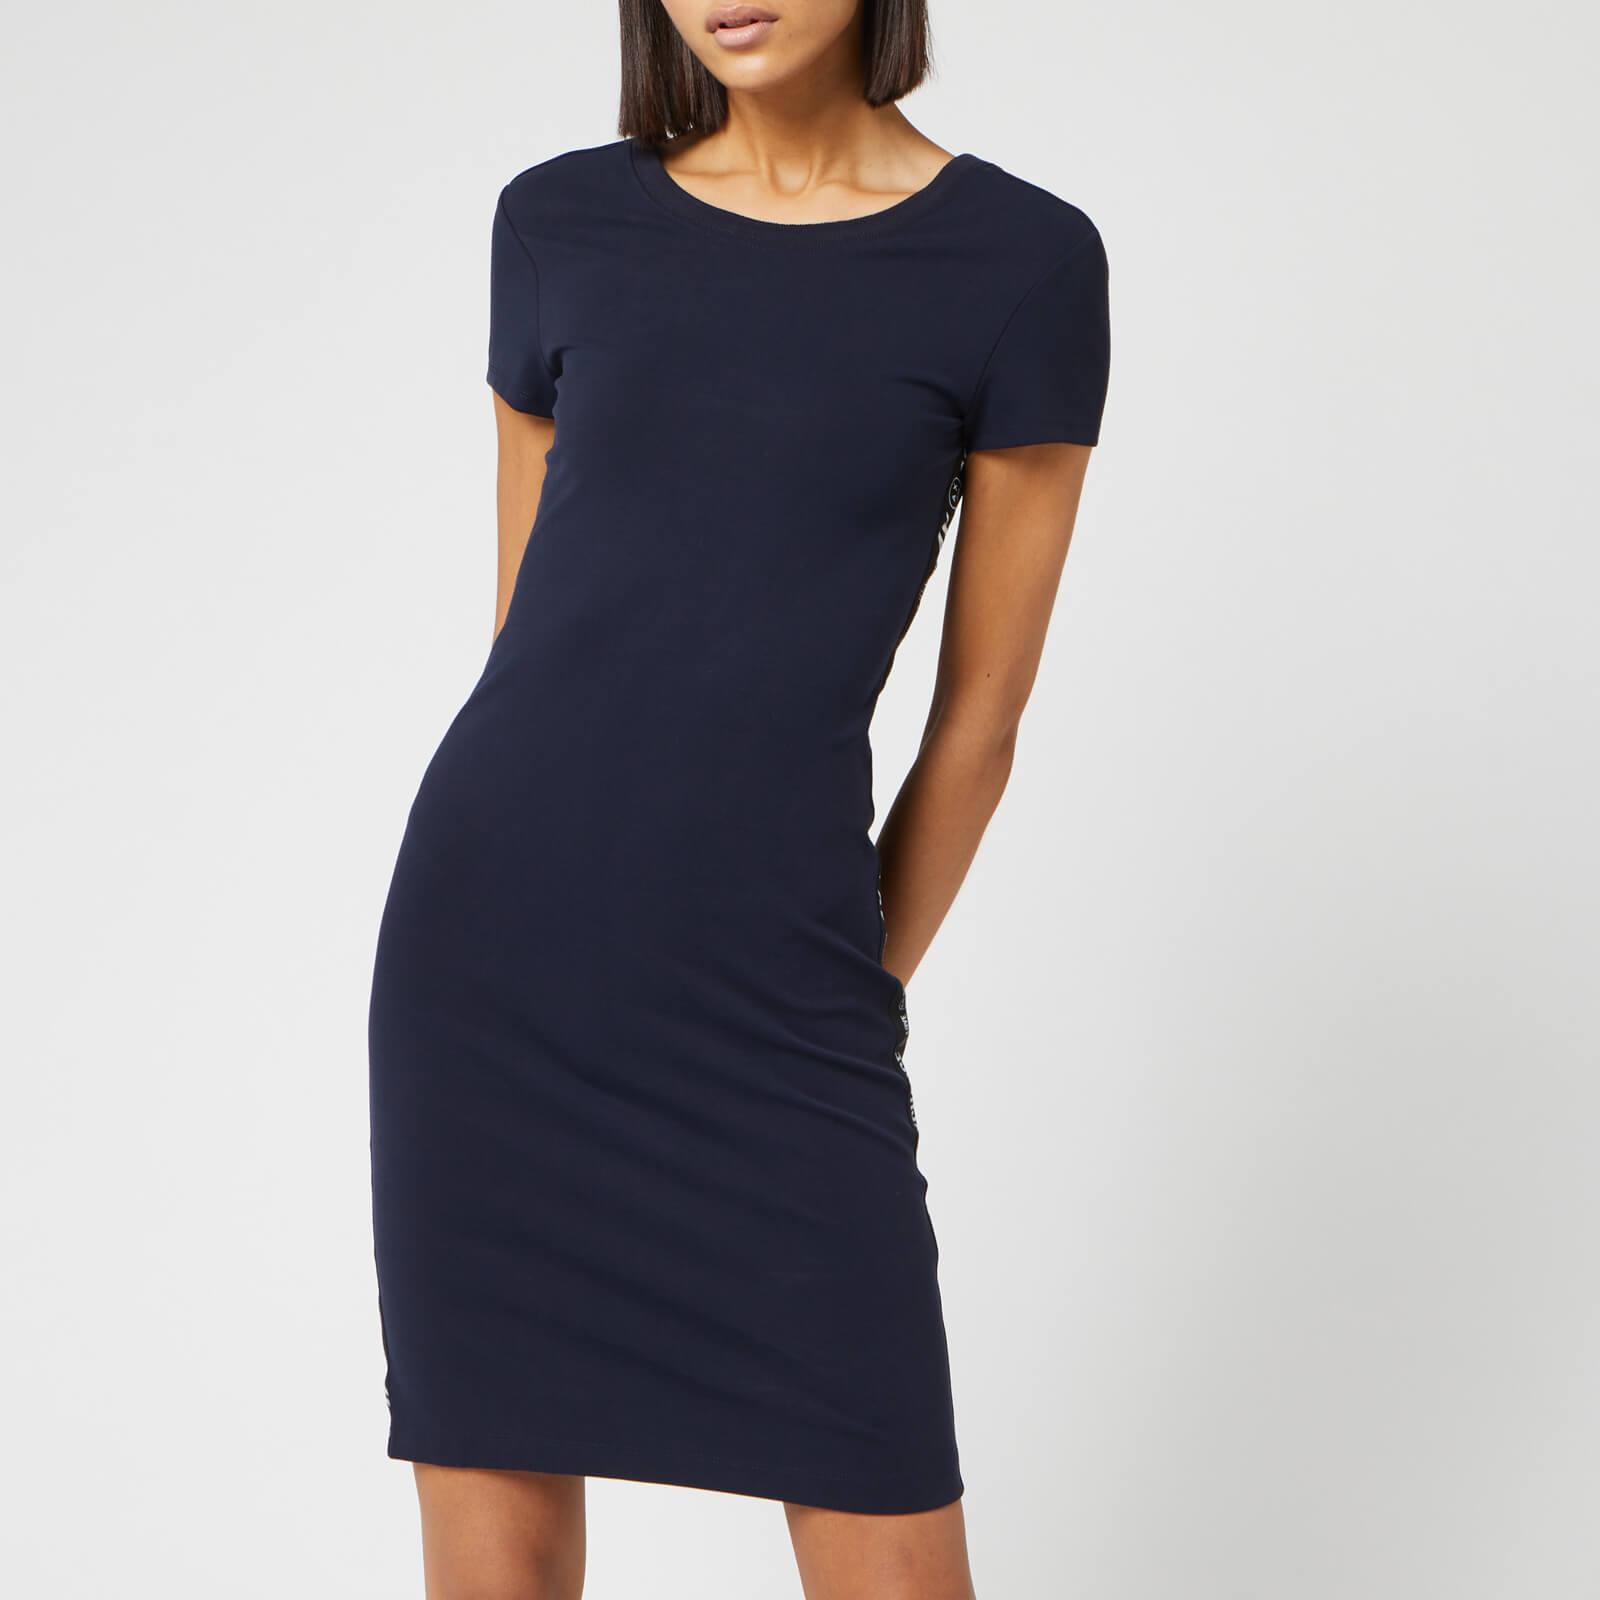 Armani Exchange Women's Logo Tape Dress - Navy - L - Blue